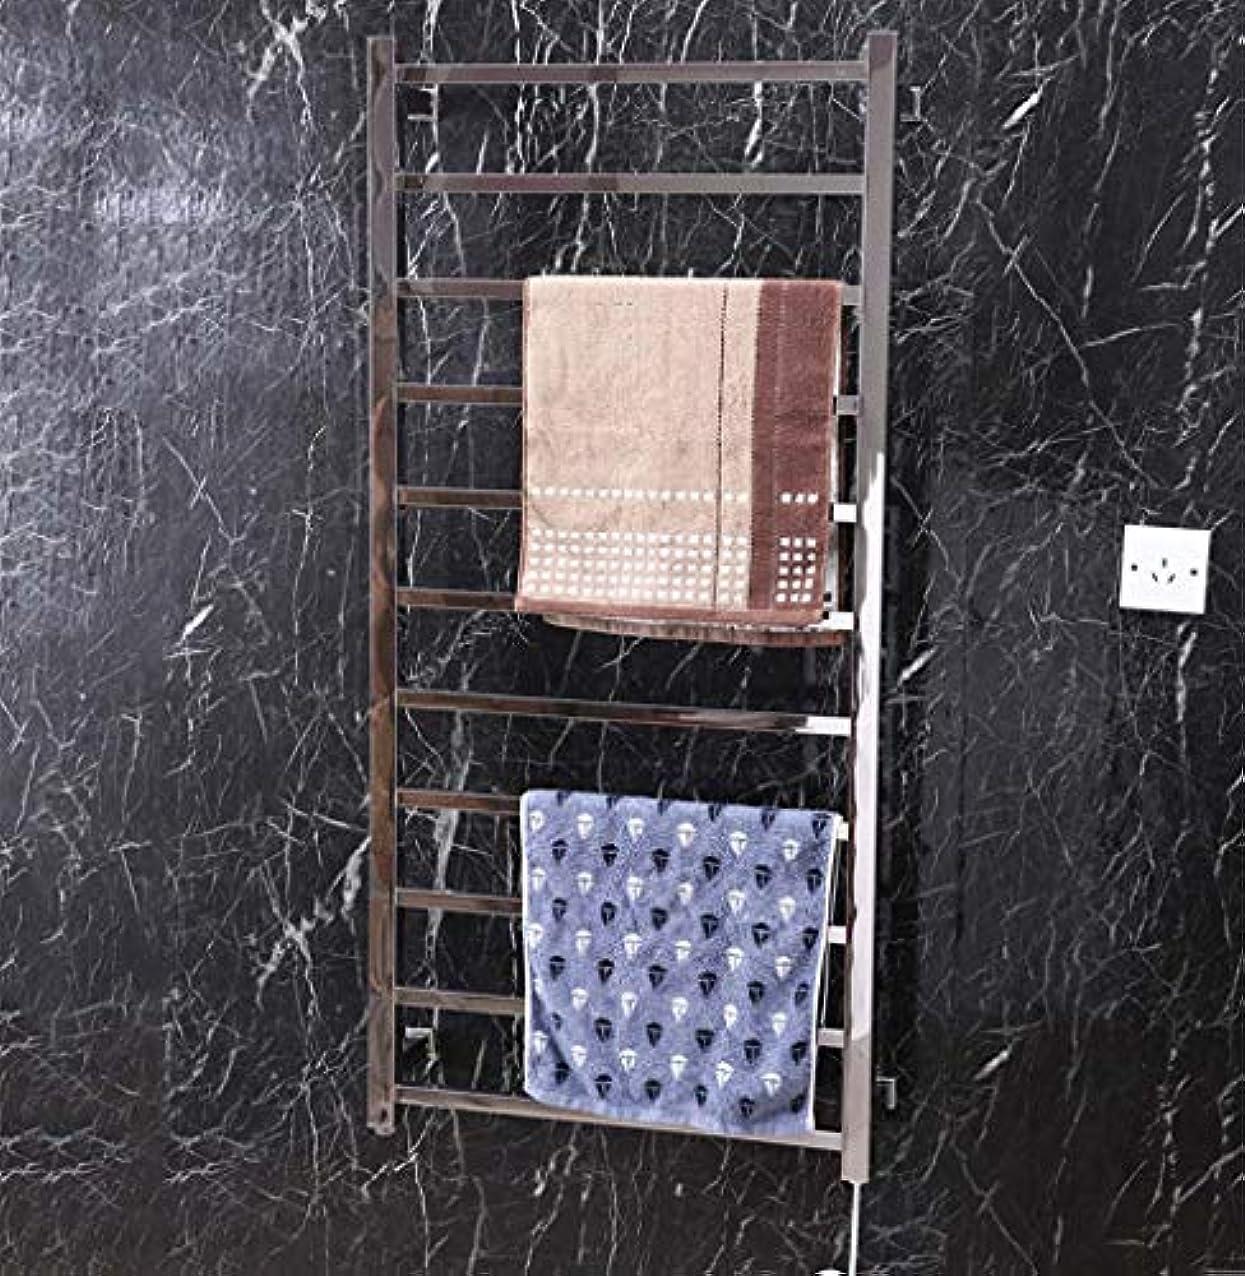 谷撤回するヘロイン壁掛け式電気タオルウォーマー、304ステンレススチール製インテリジェント電気タオルラジエーター、サーモスタット滅菌、浴室棚1200X560X125mm